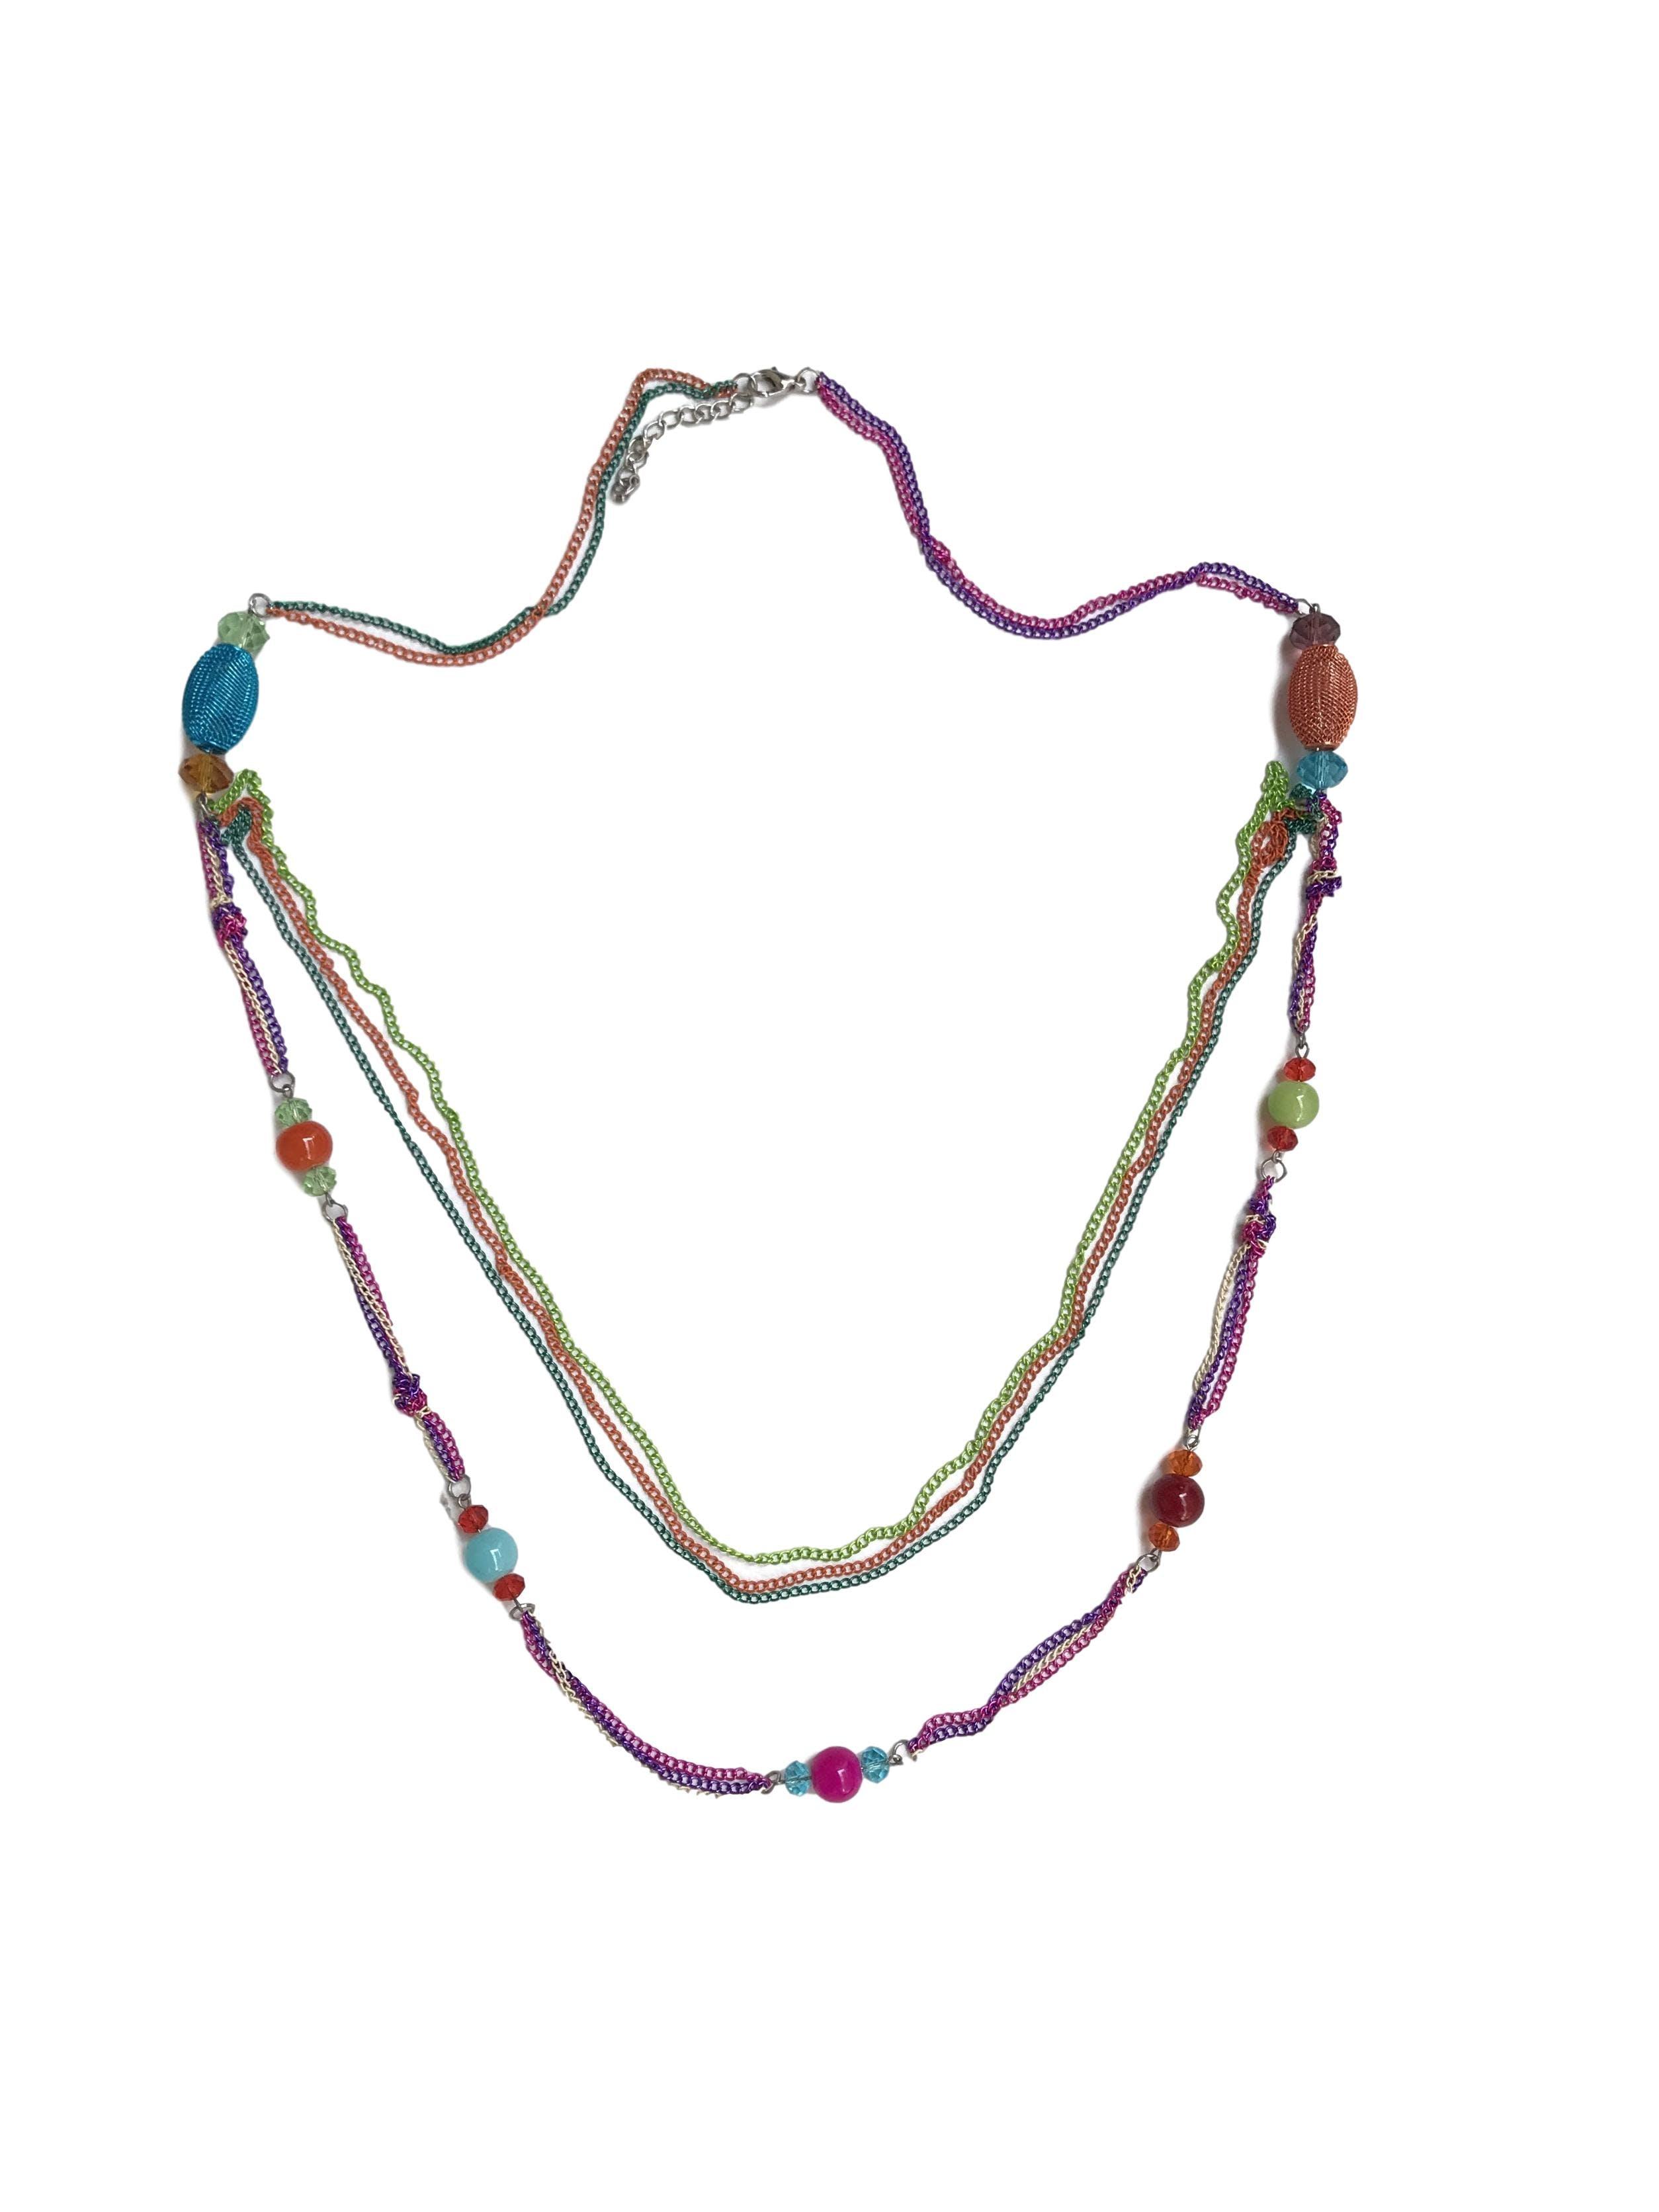 Maxi collar de cadenas y cuentas multicolores. Largo 95cm (+6cm regulables)